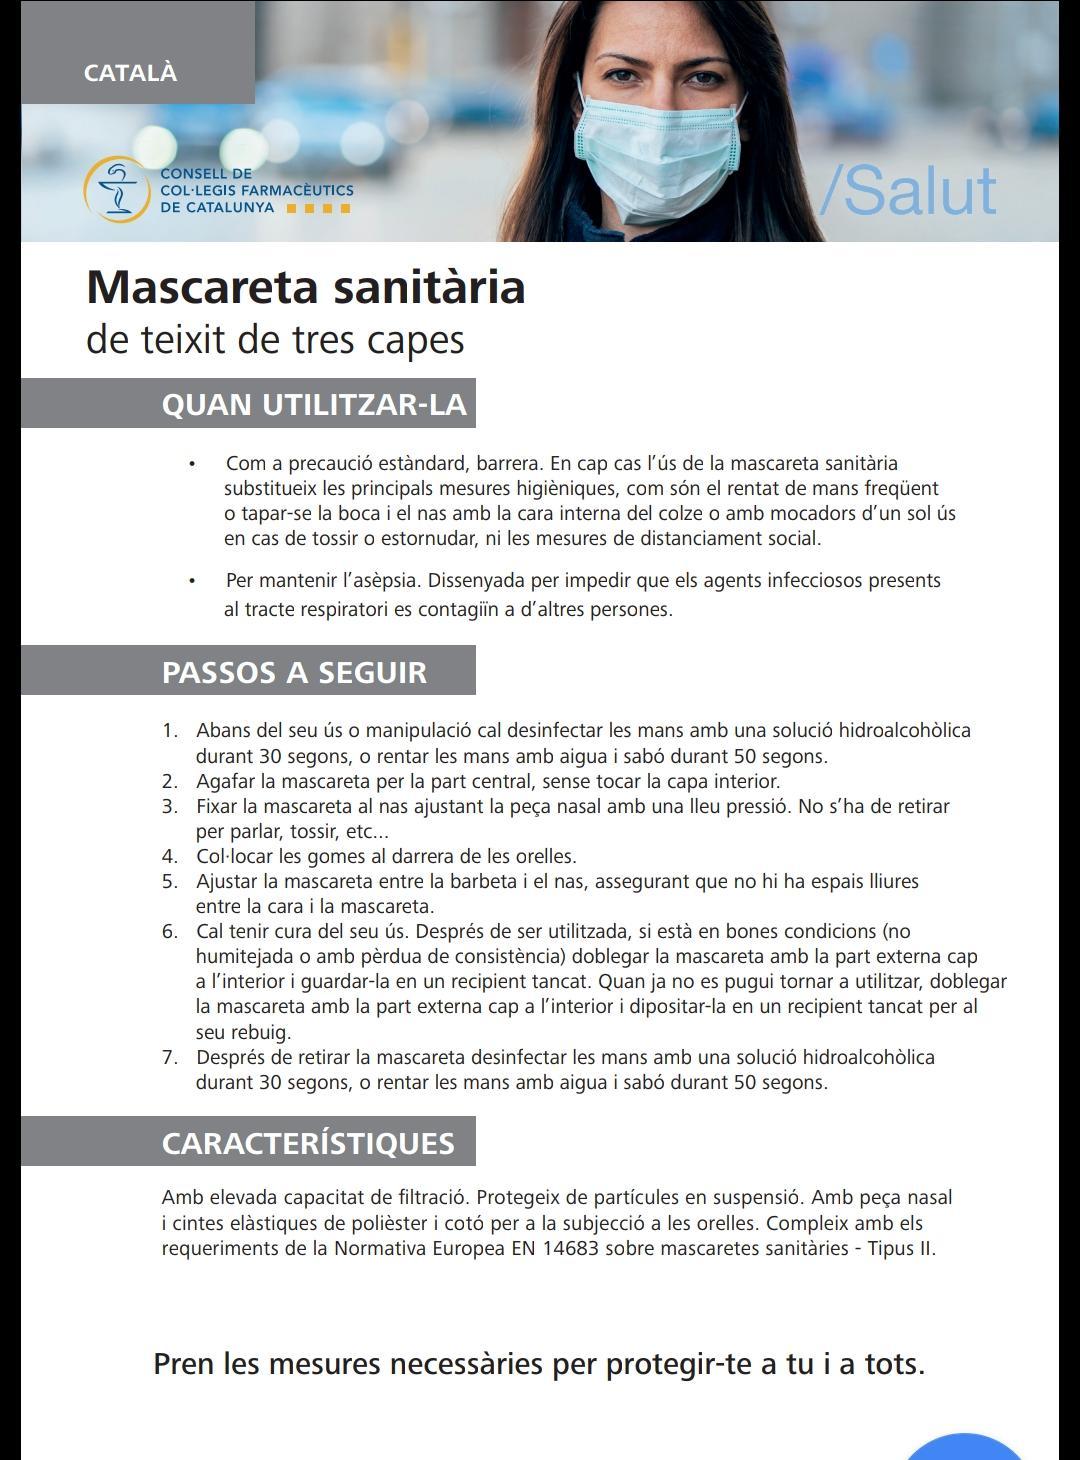 Dilluns 20 d'abril arriben 400 mascaretes a cada farmàcia de Cunit